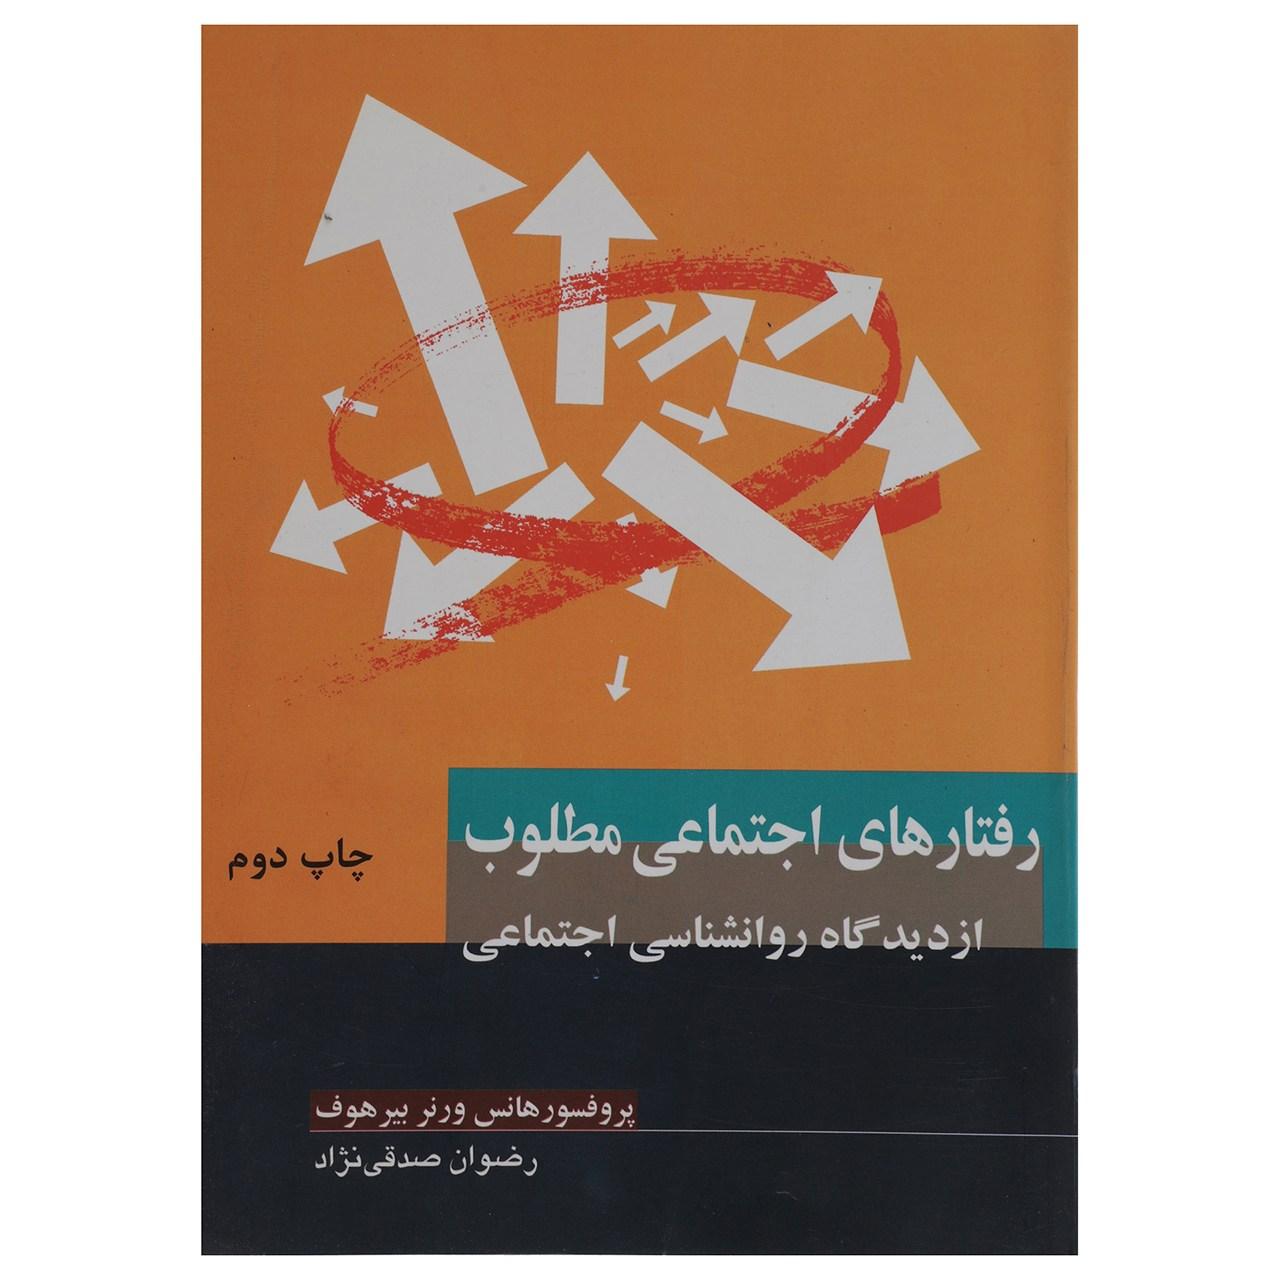 کتاب رفتارهای اجتماعی مطلوب از دیدگاه روانشناسی اجتماعی اثر هانس ورنر بیرهوف